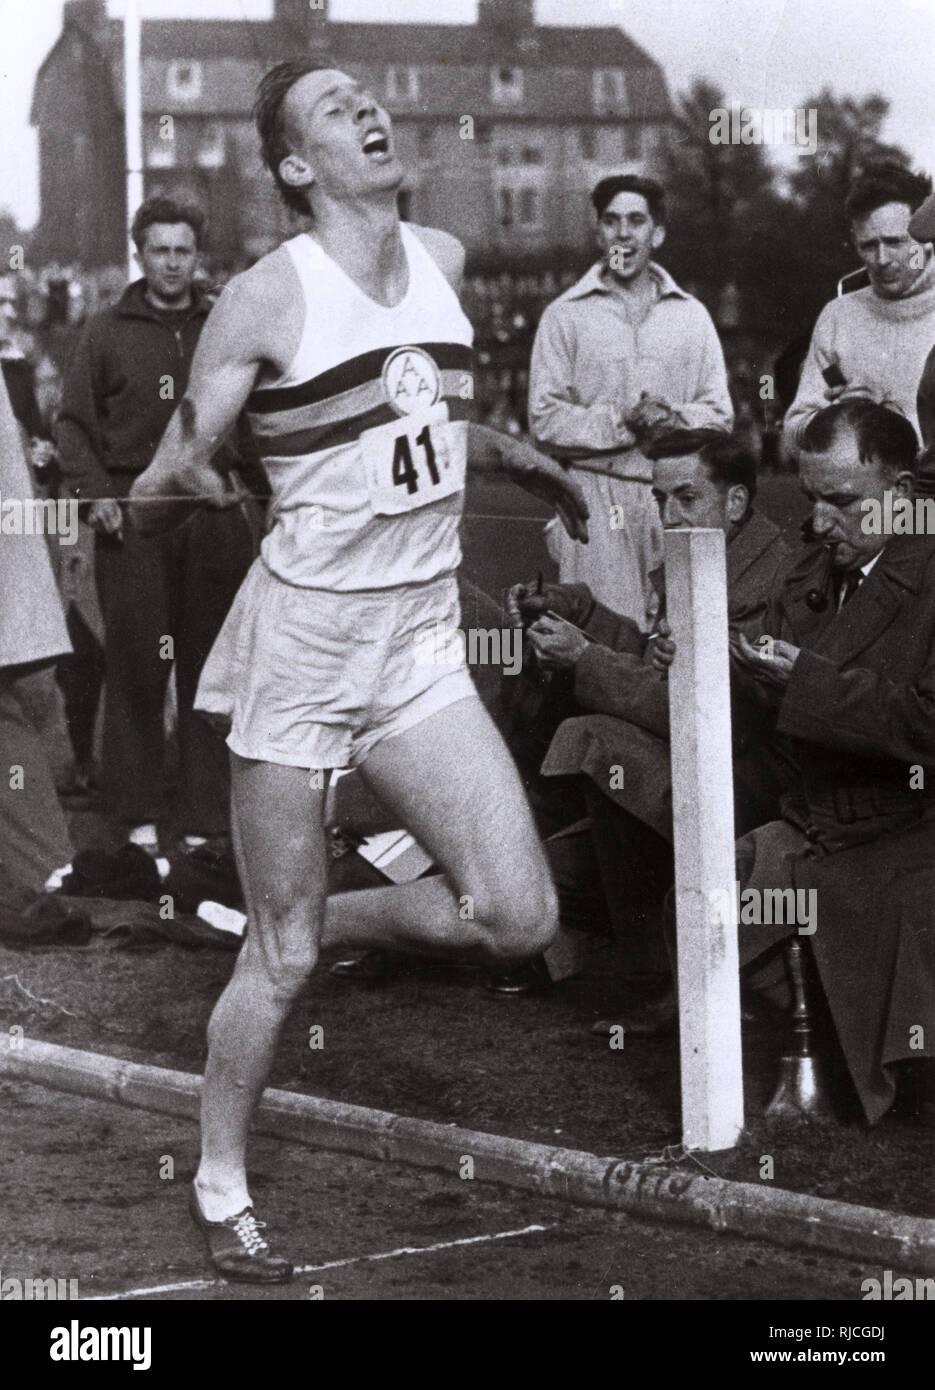 Roger Bannister von Großbritannien (1929-2018), mit einer Zeit von 3 Minuten 59.4 Sekunden, wird die erste Person, die eine Meile in unter 4 Minuten laufen, an der Abingdon Road Sportplatz, England am 6. Mai 1954. Stockfoto